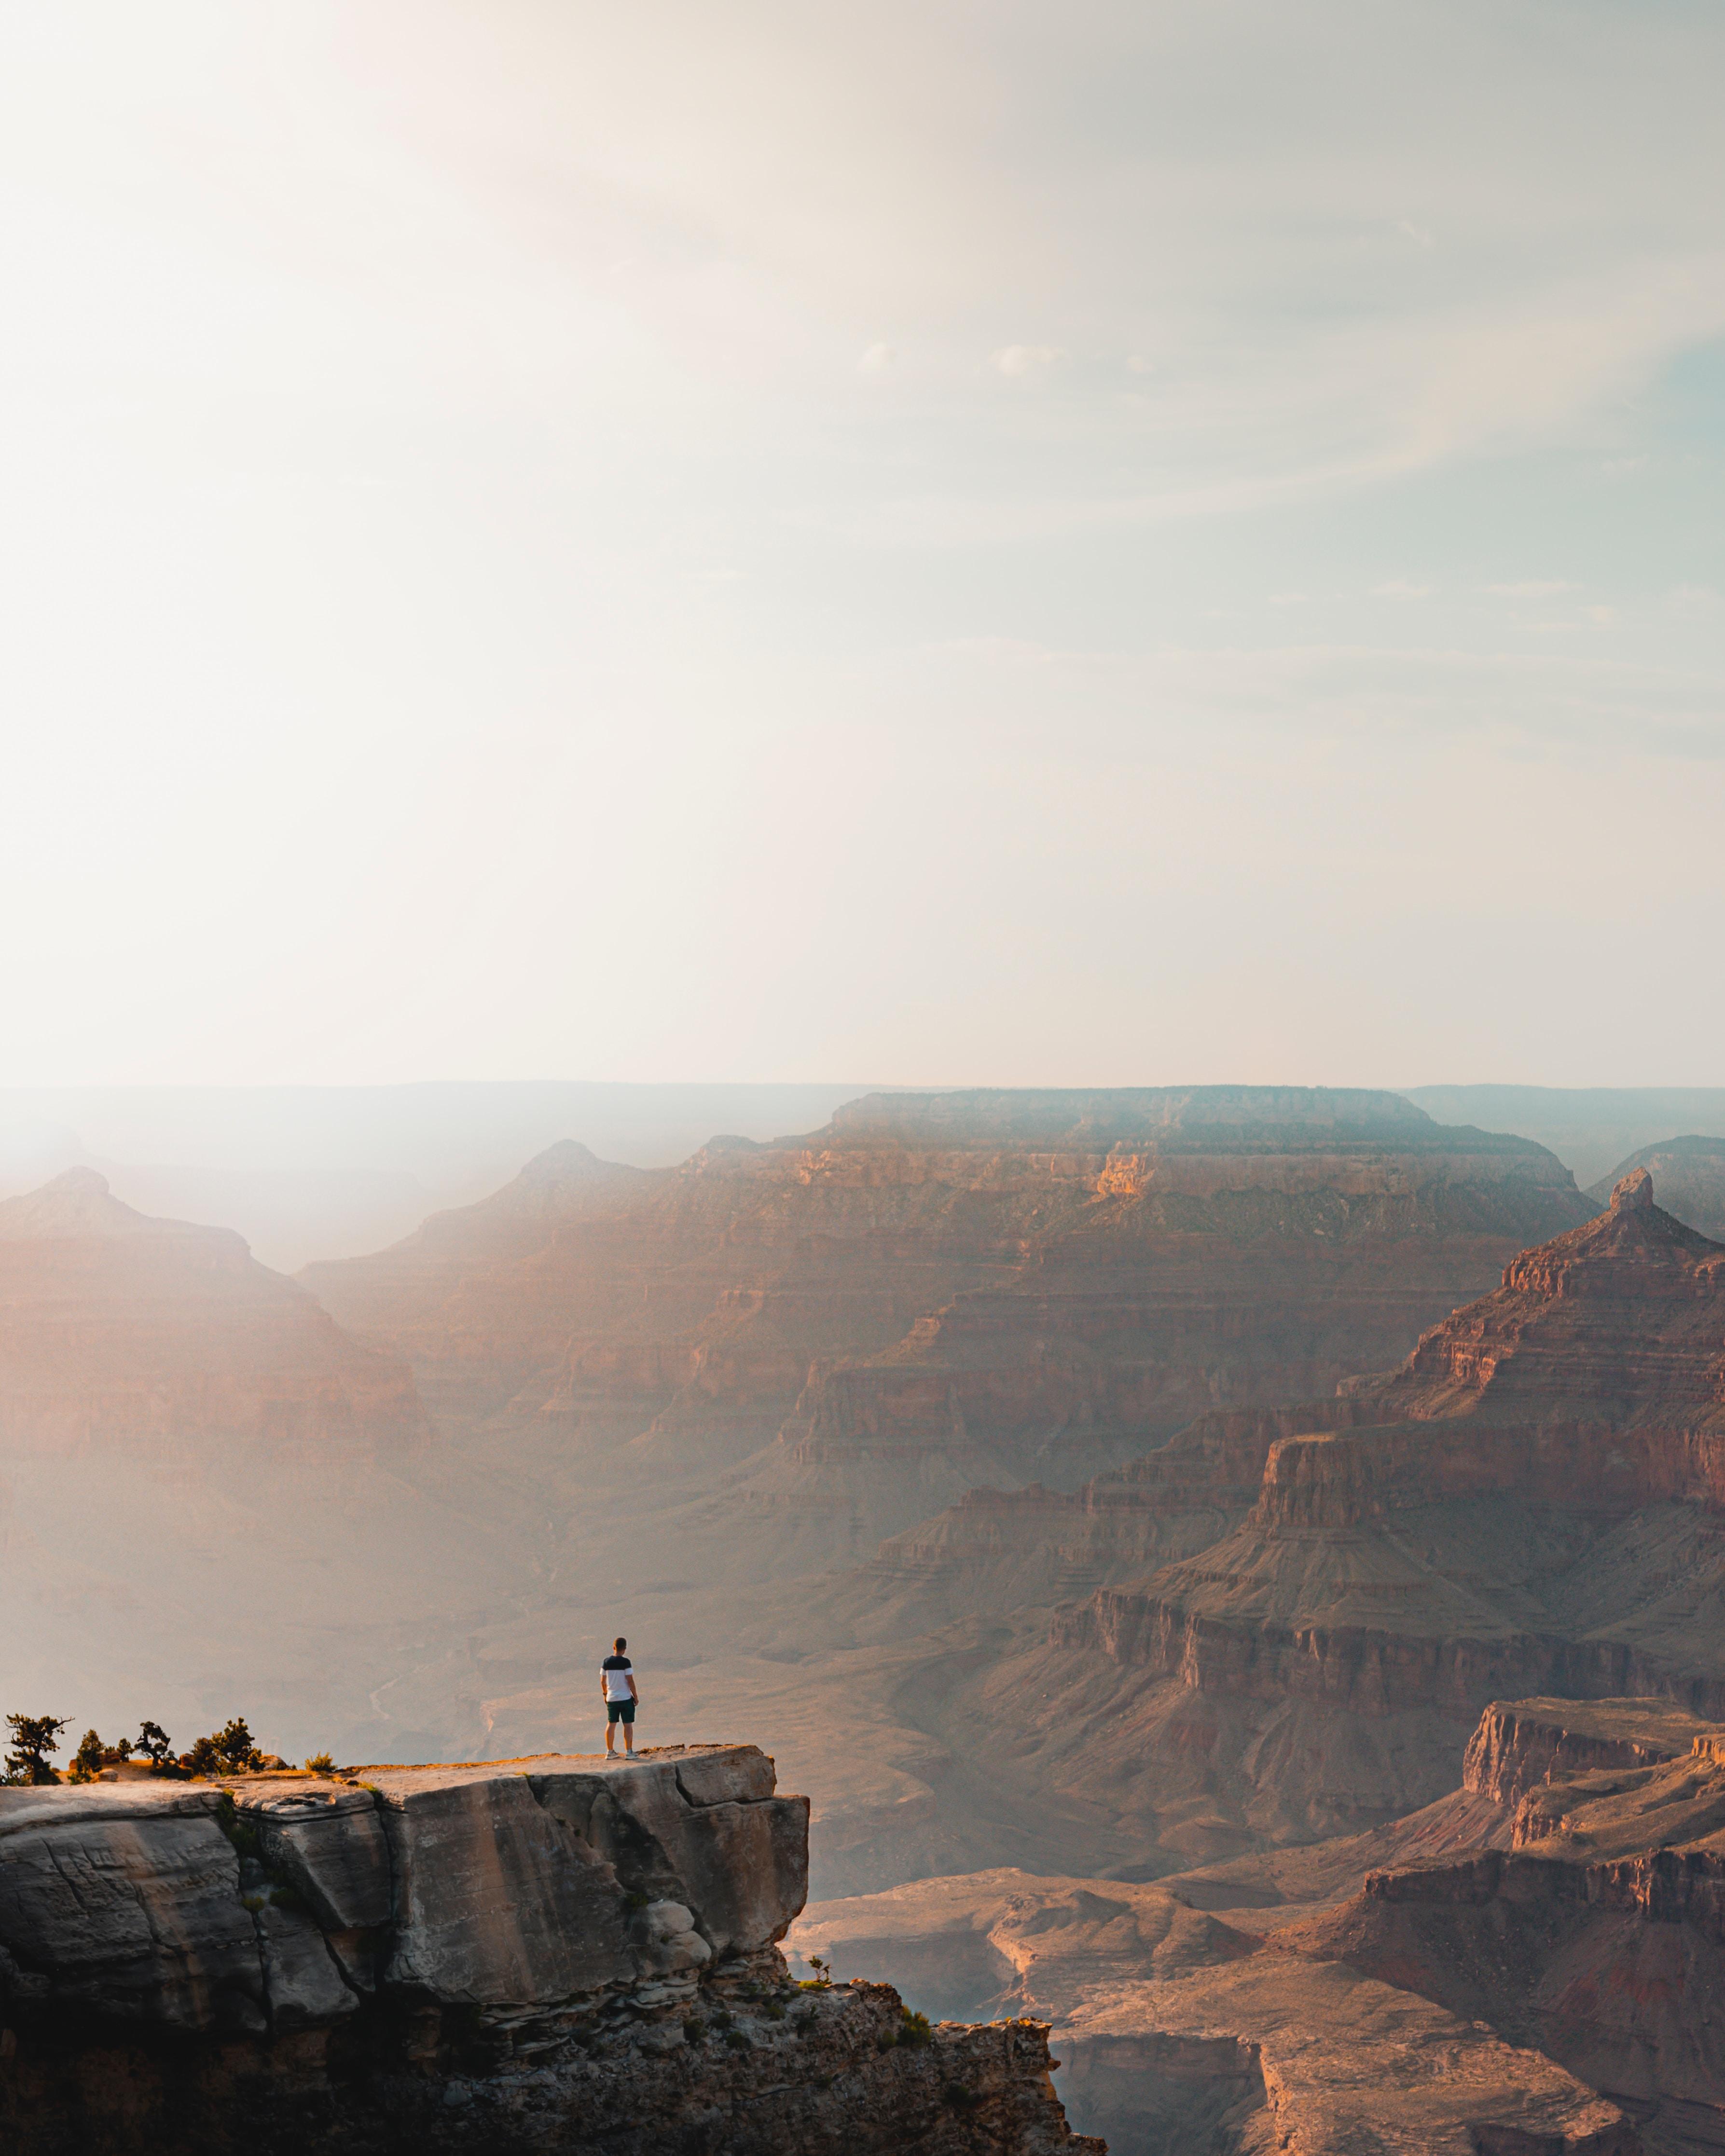 67848 fond d'écran 720x1520 sur votre téléphone gratuitement, téléchargez des images Nature, Montagnes, Rocheux, Rocher, Se Rompre, Précipice, Hauteur, Humain, Personne 720x1520 sur votre mobile